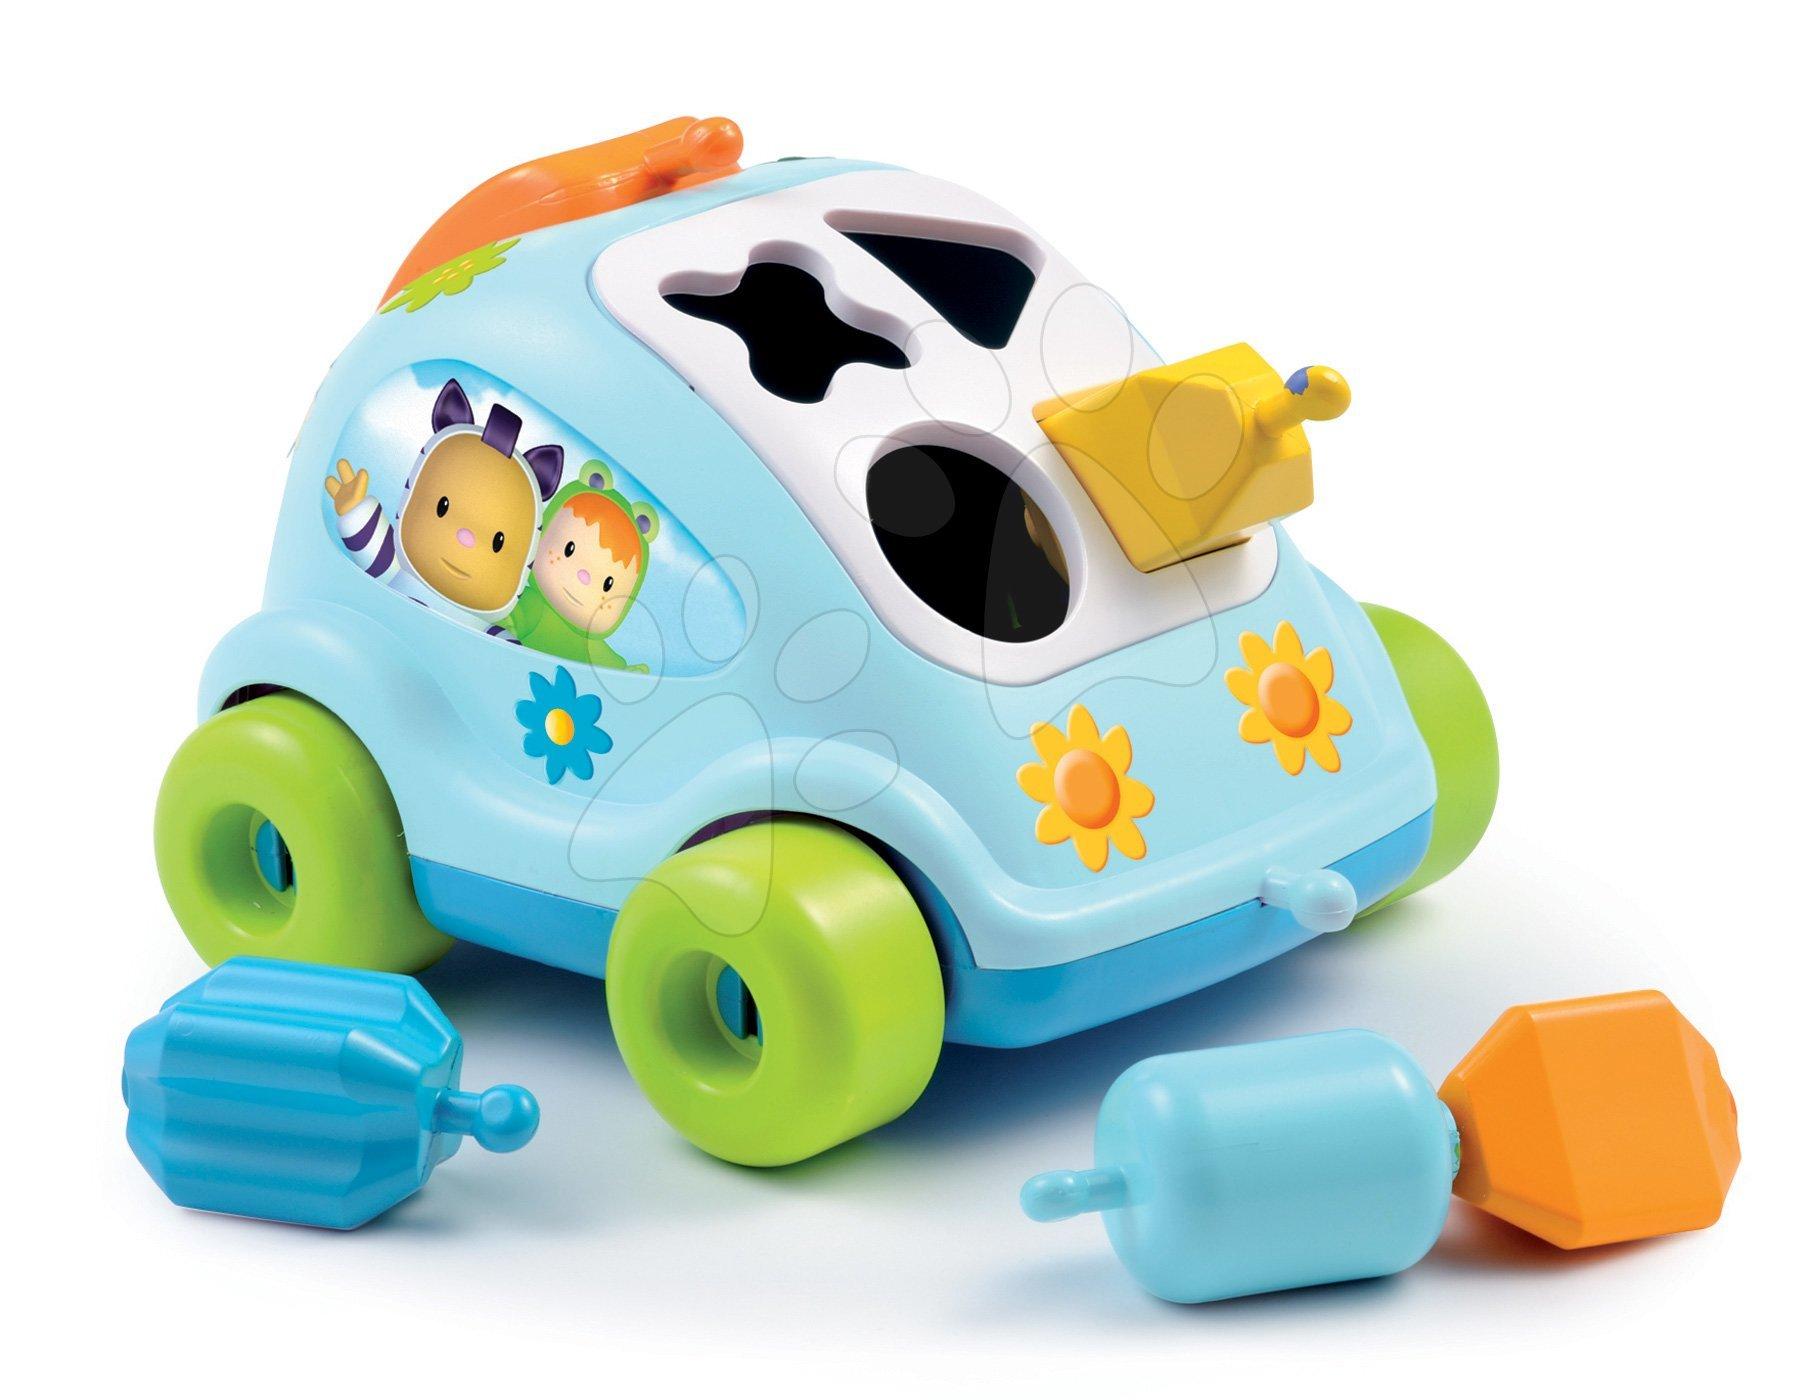 Igrače za vlečenje - Avto Hrošč Cotoons Smoby s kockami modro-zelen od 12 mes